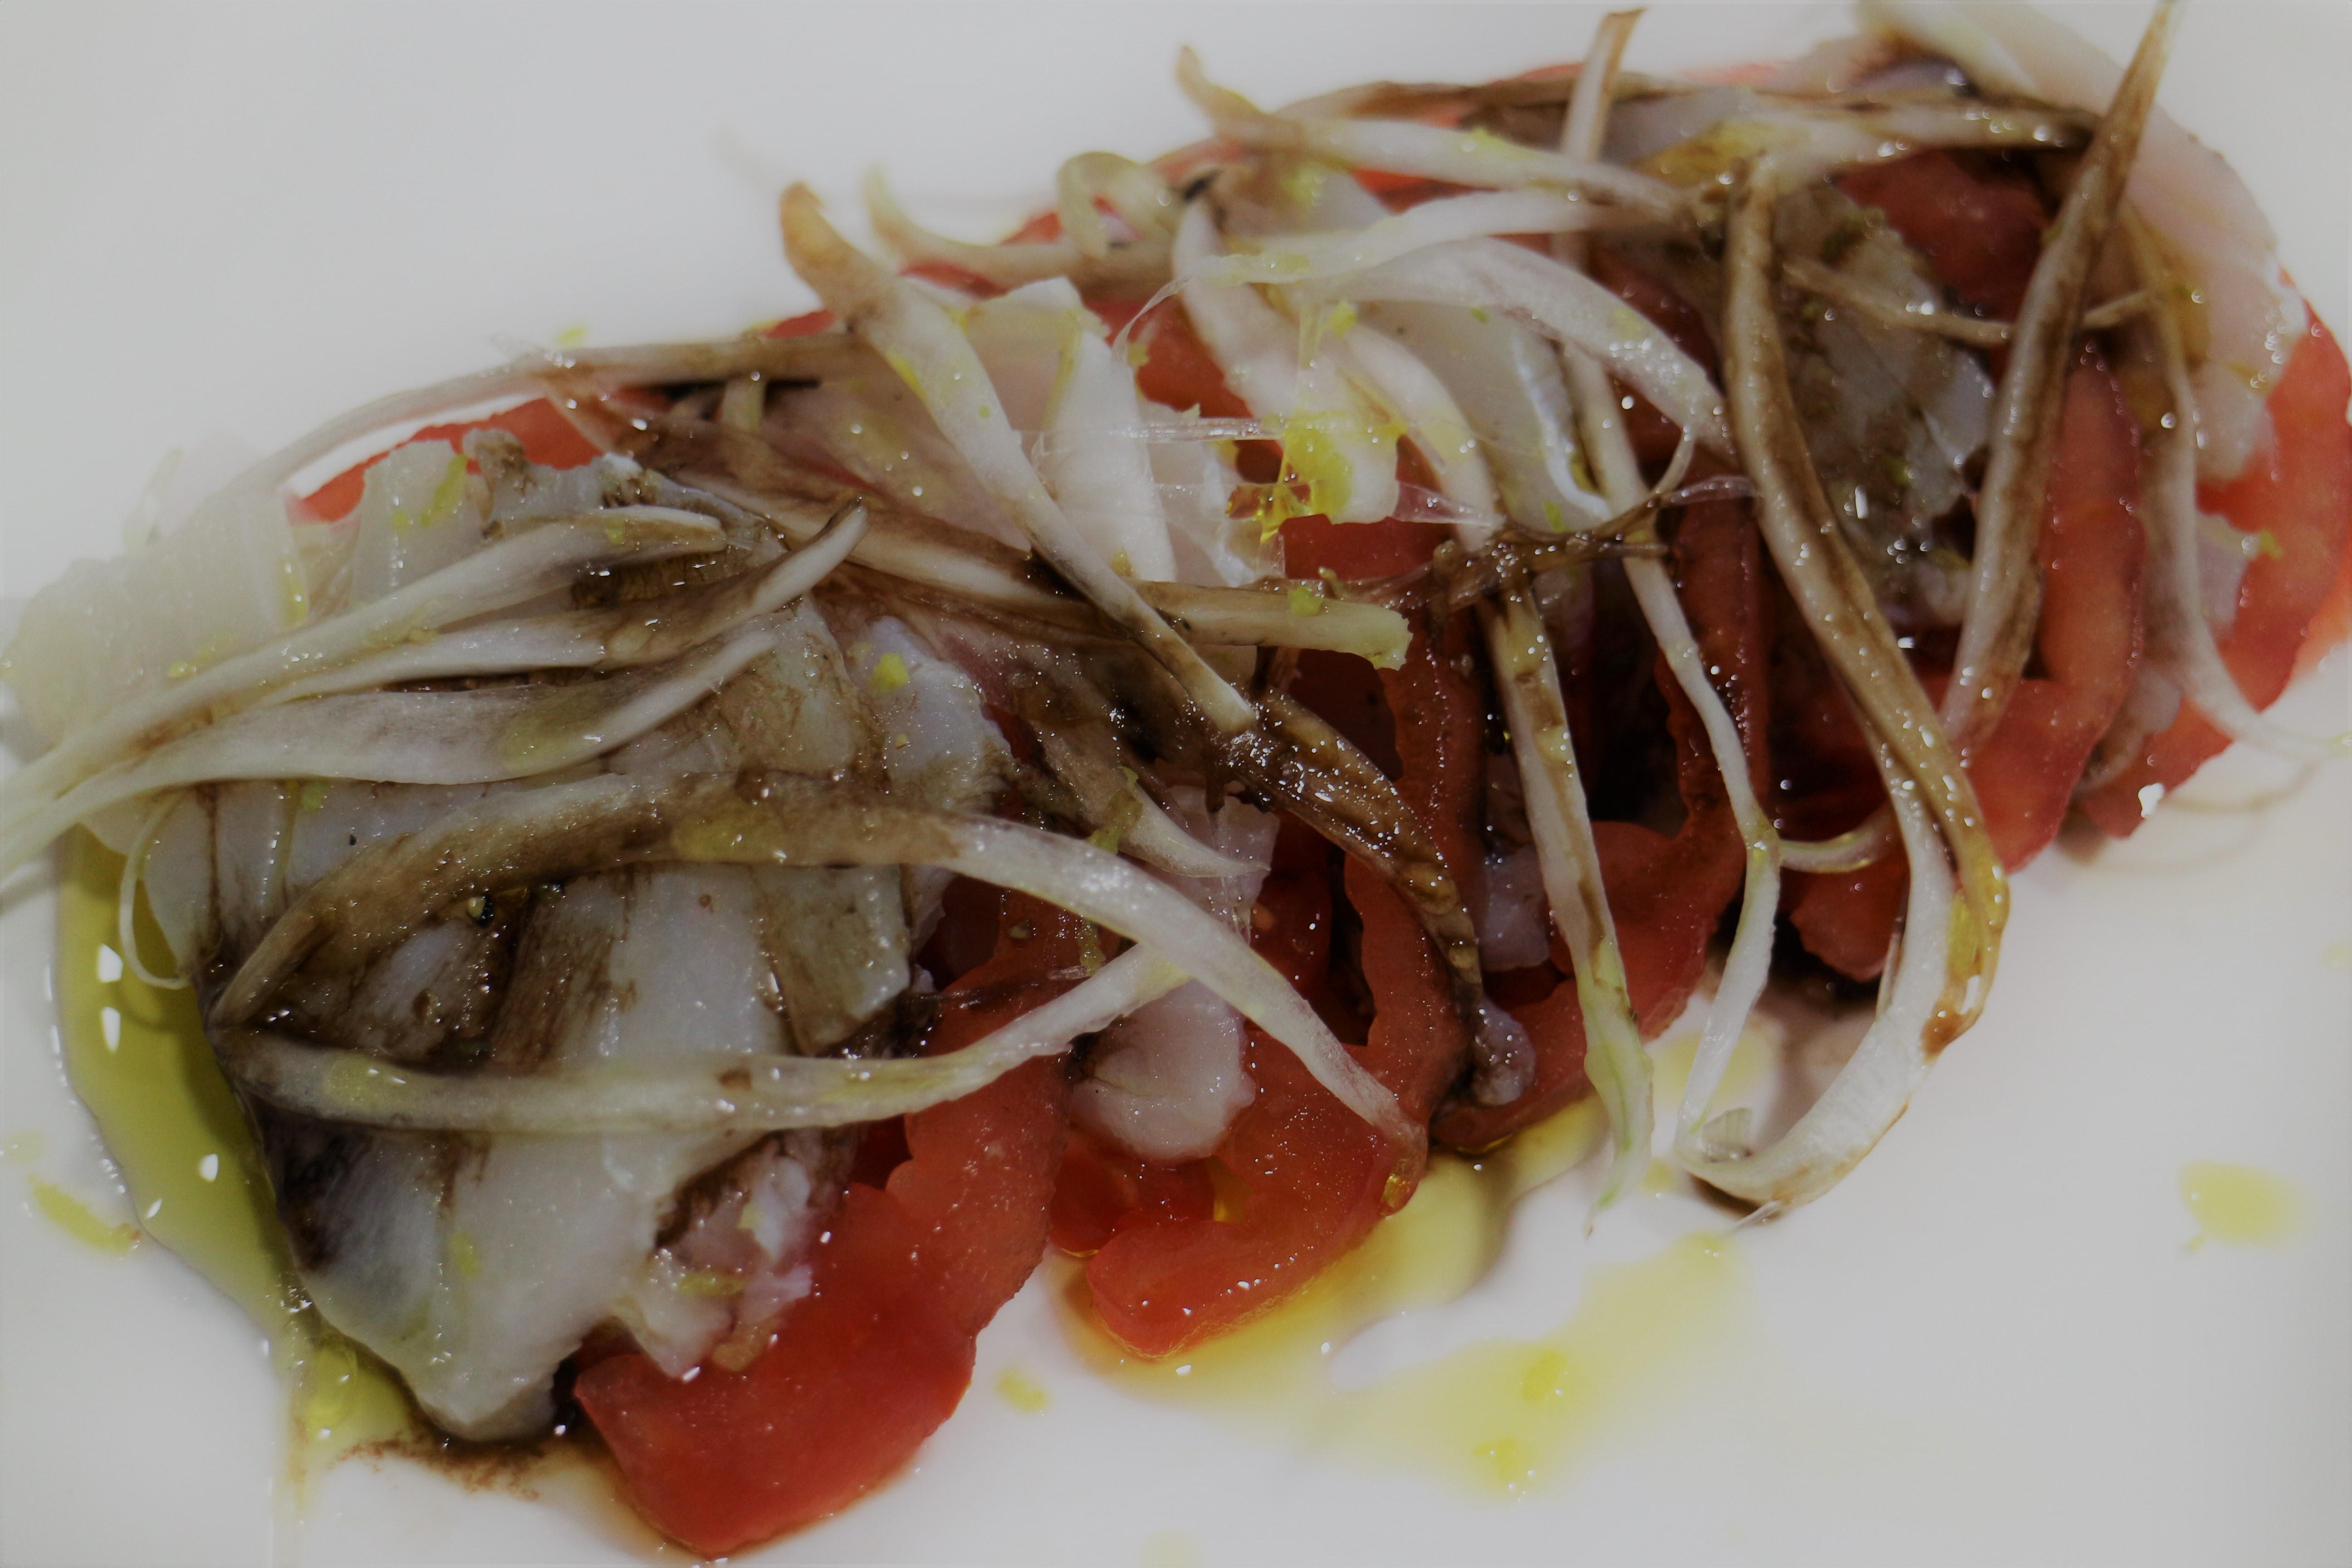 Ensalada de tomate con bacalao